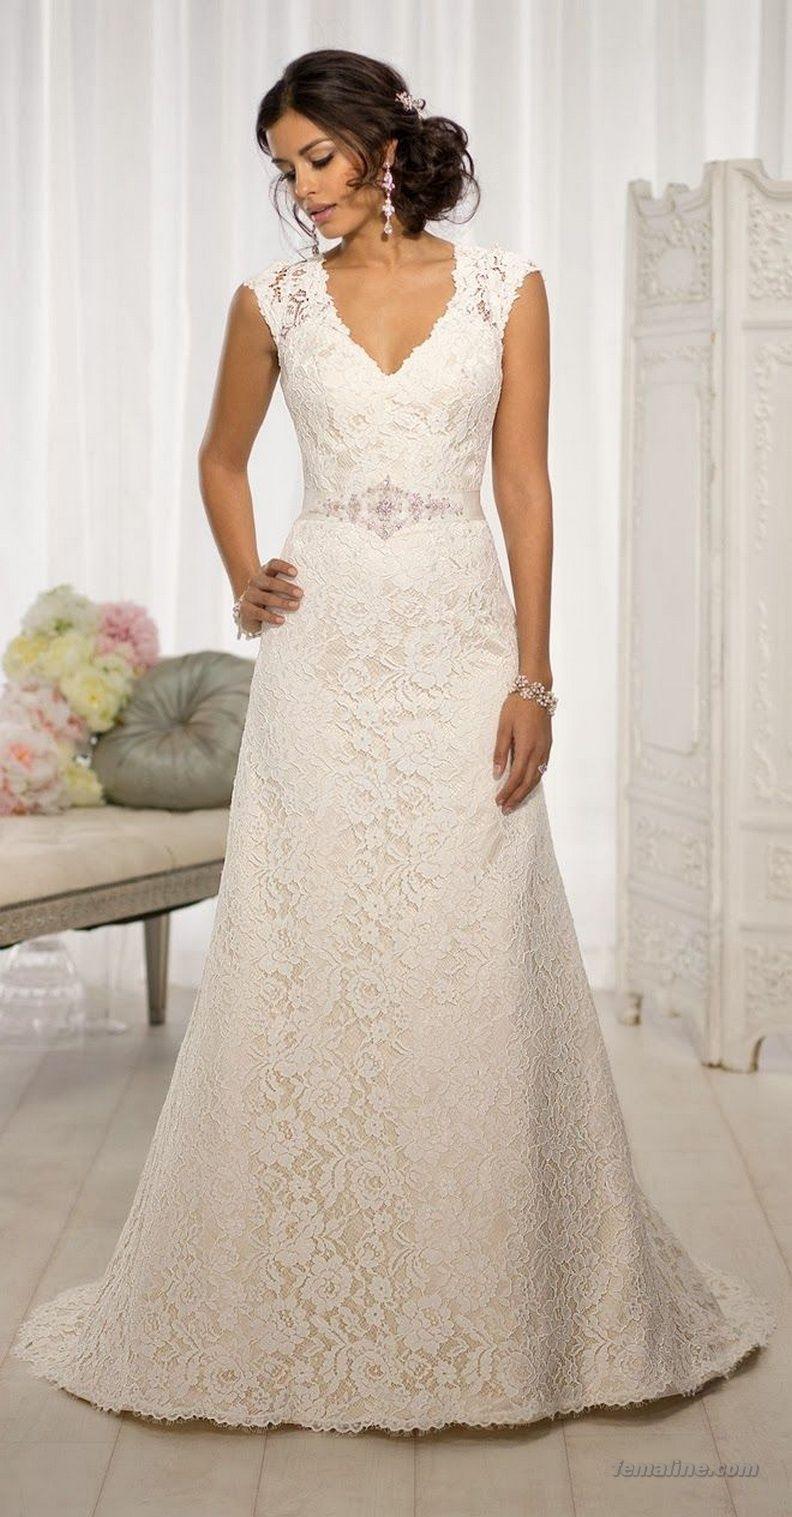 139 Ideas for Fall 2017 Wedding Dress Trends   Brautkleider und Hochzeit